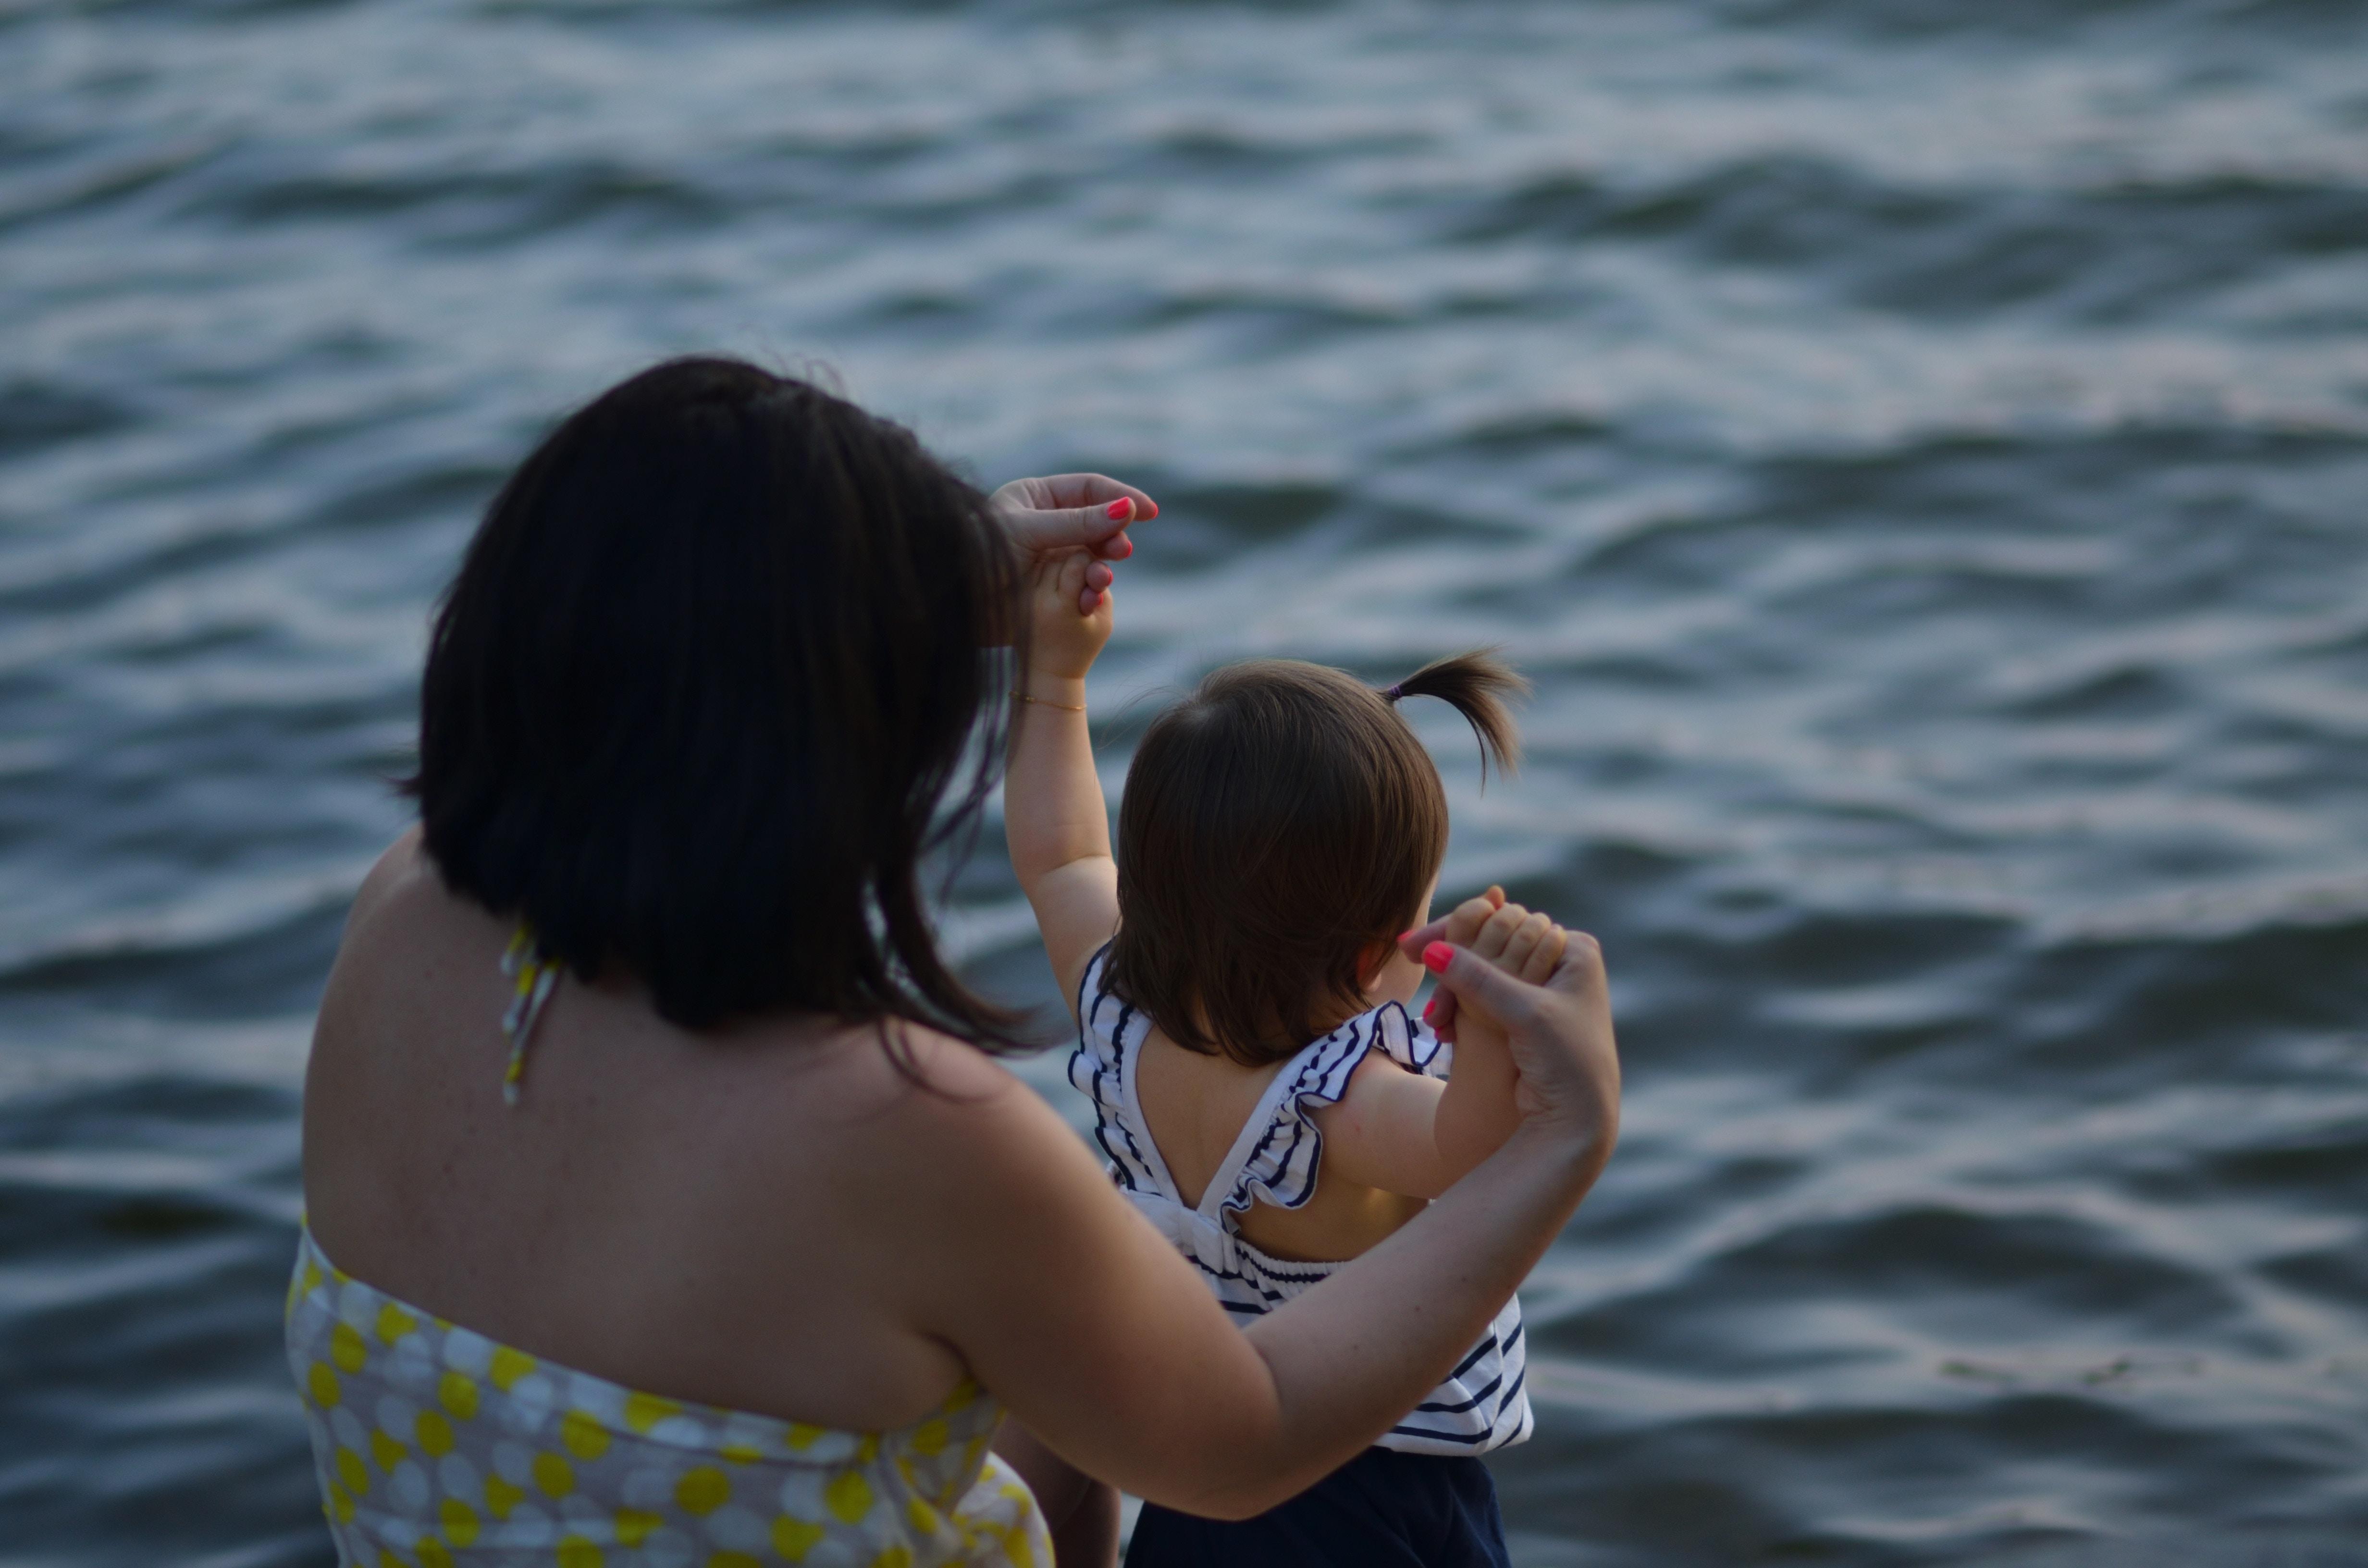 mulher segurando a mão de uma bebê na beira da água